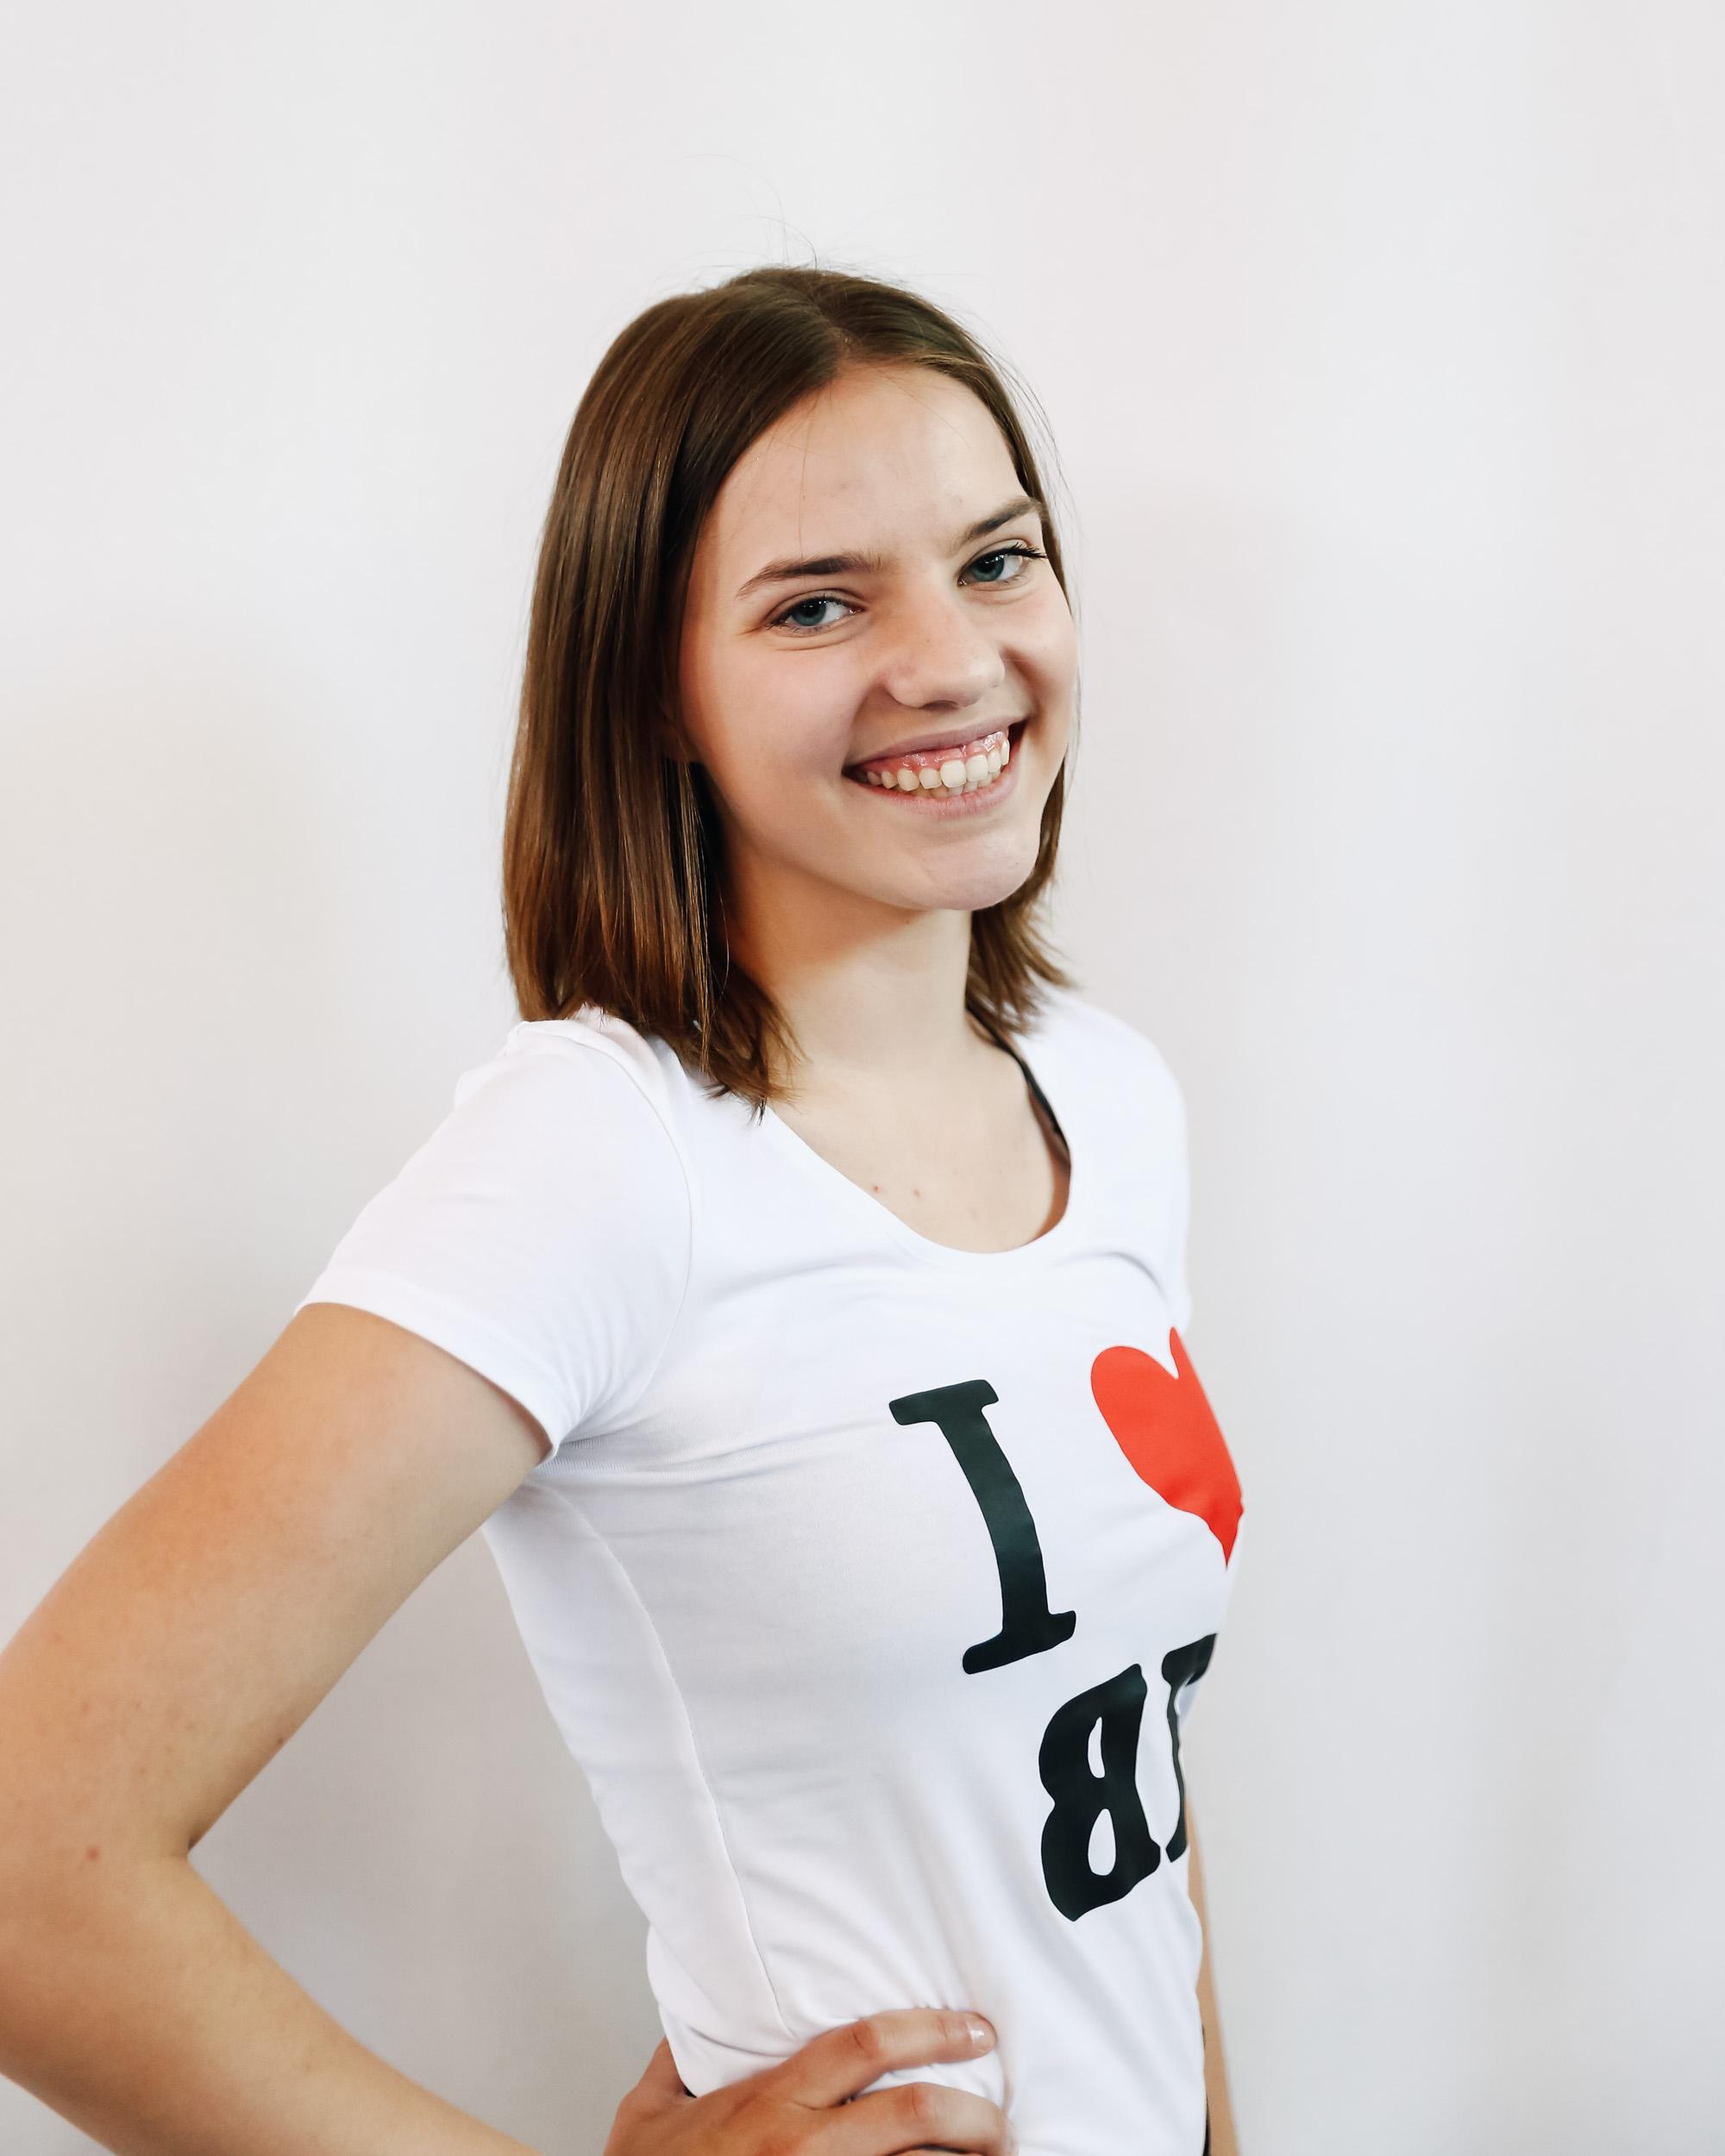 Franziska Ziegler